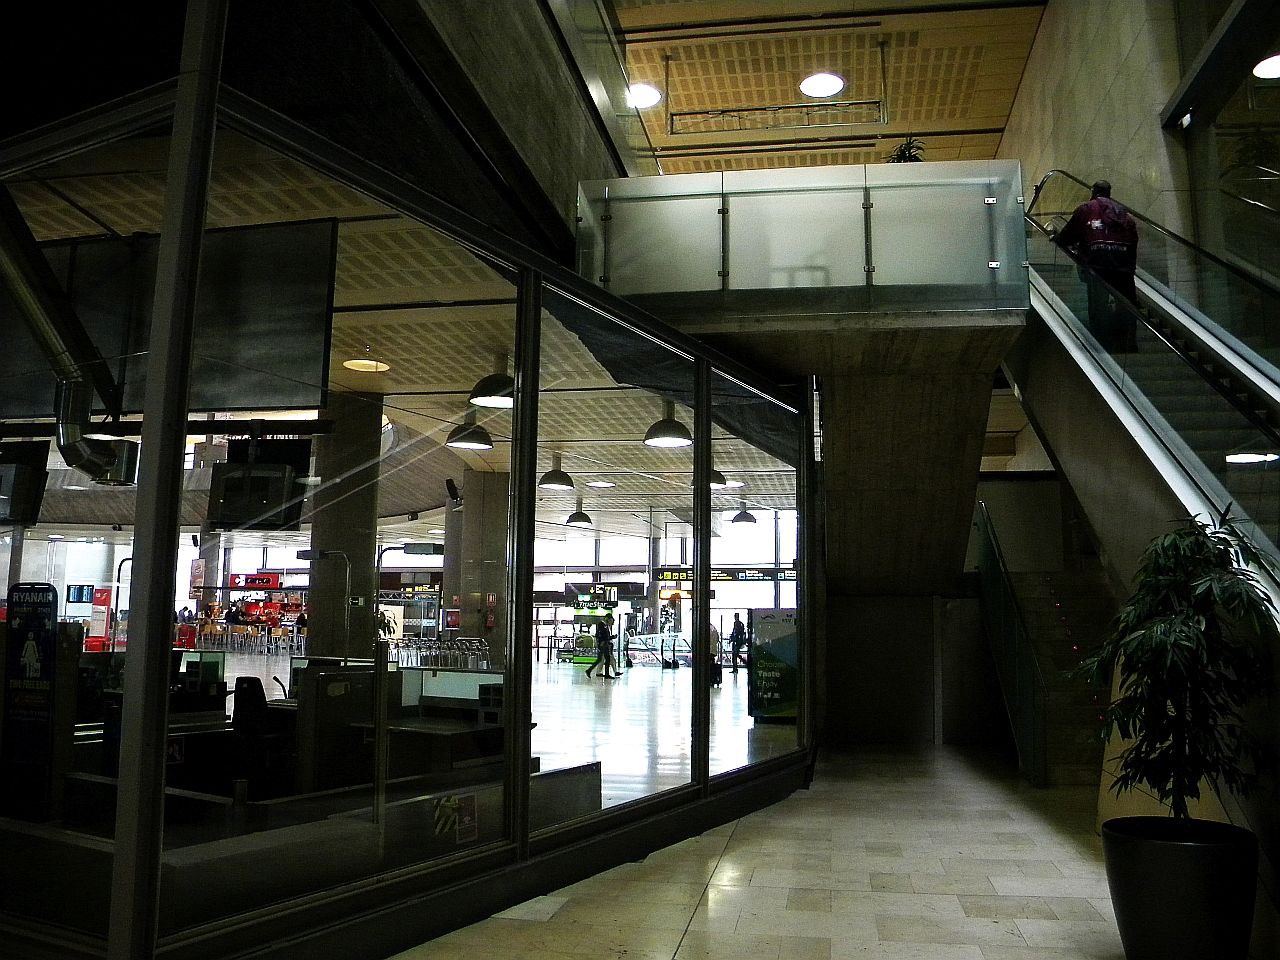 В аэровокзале аэропорта Тенерифе Северный